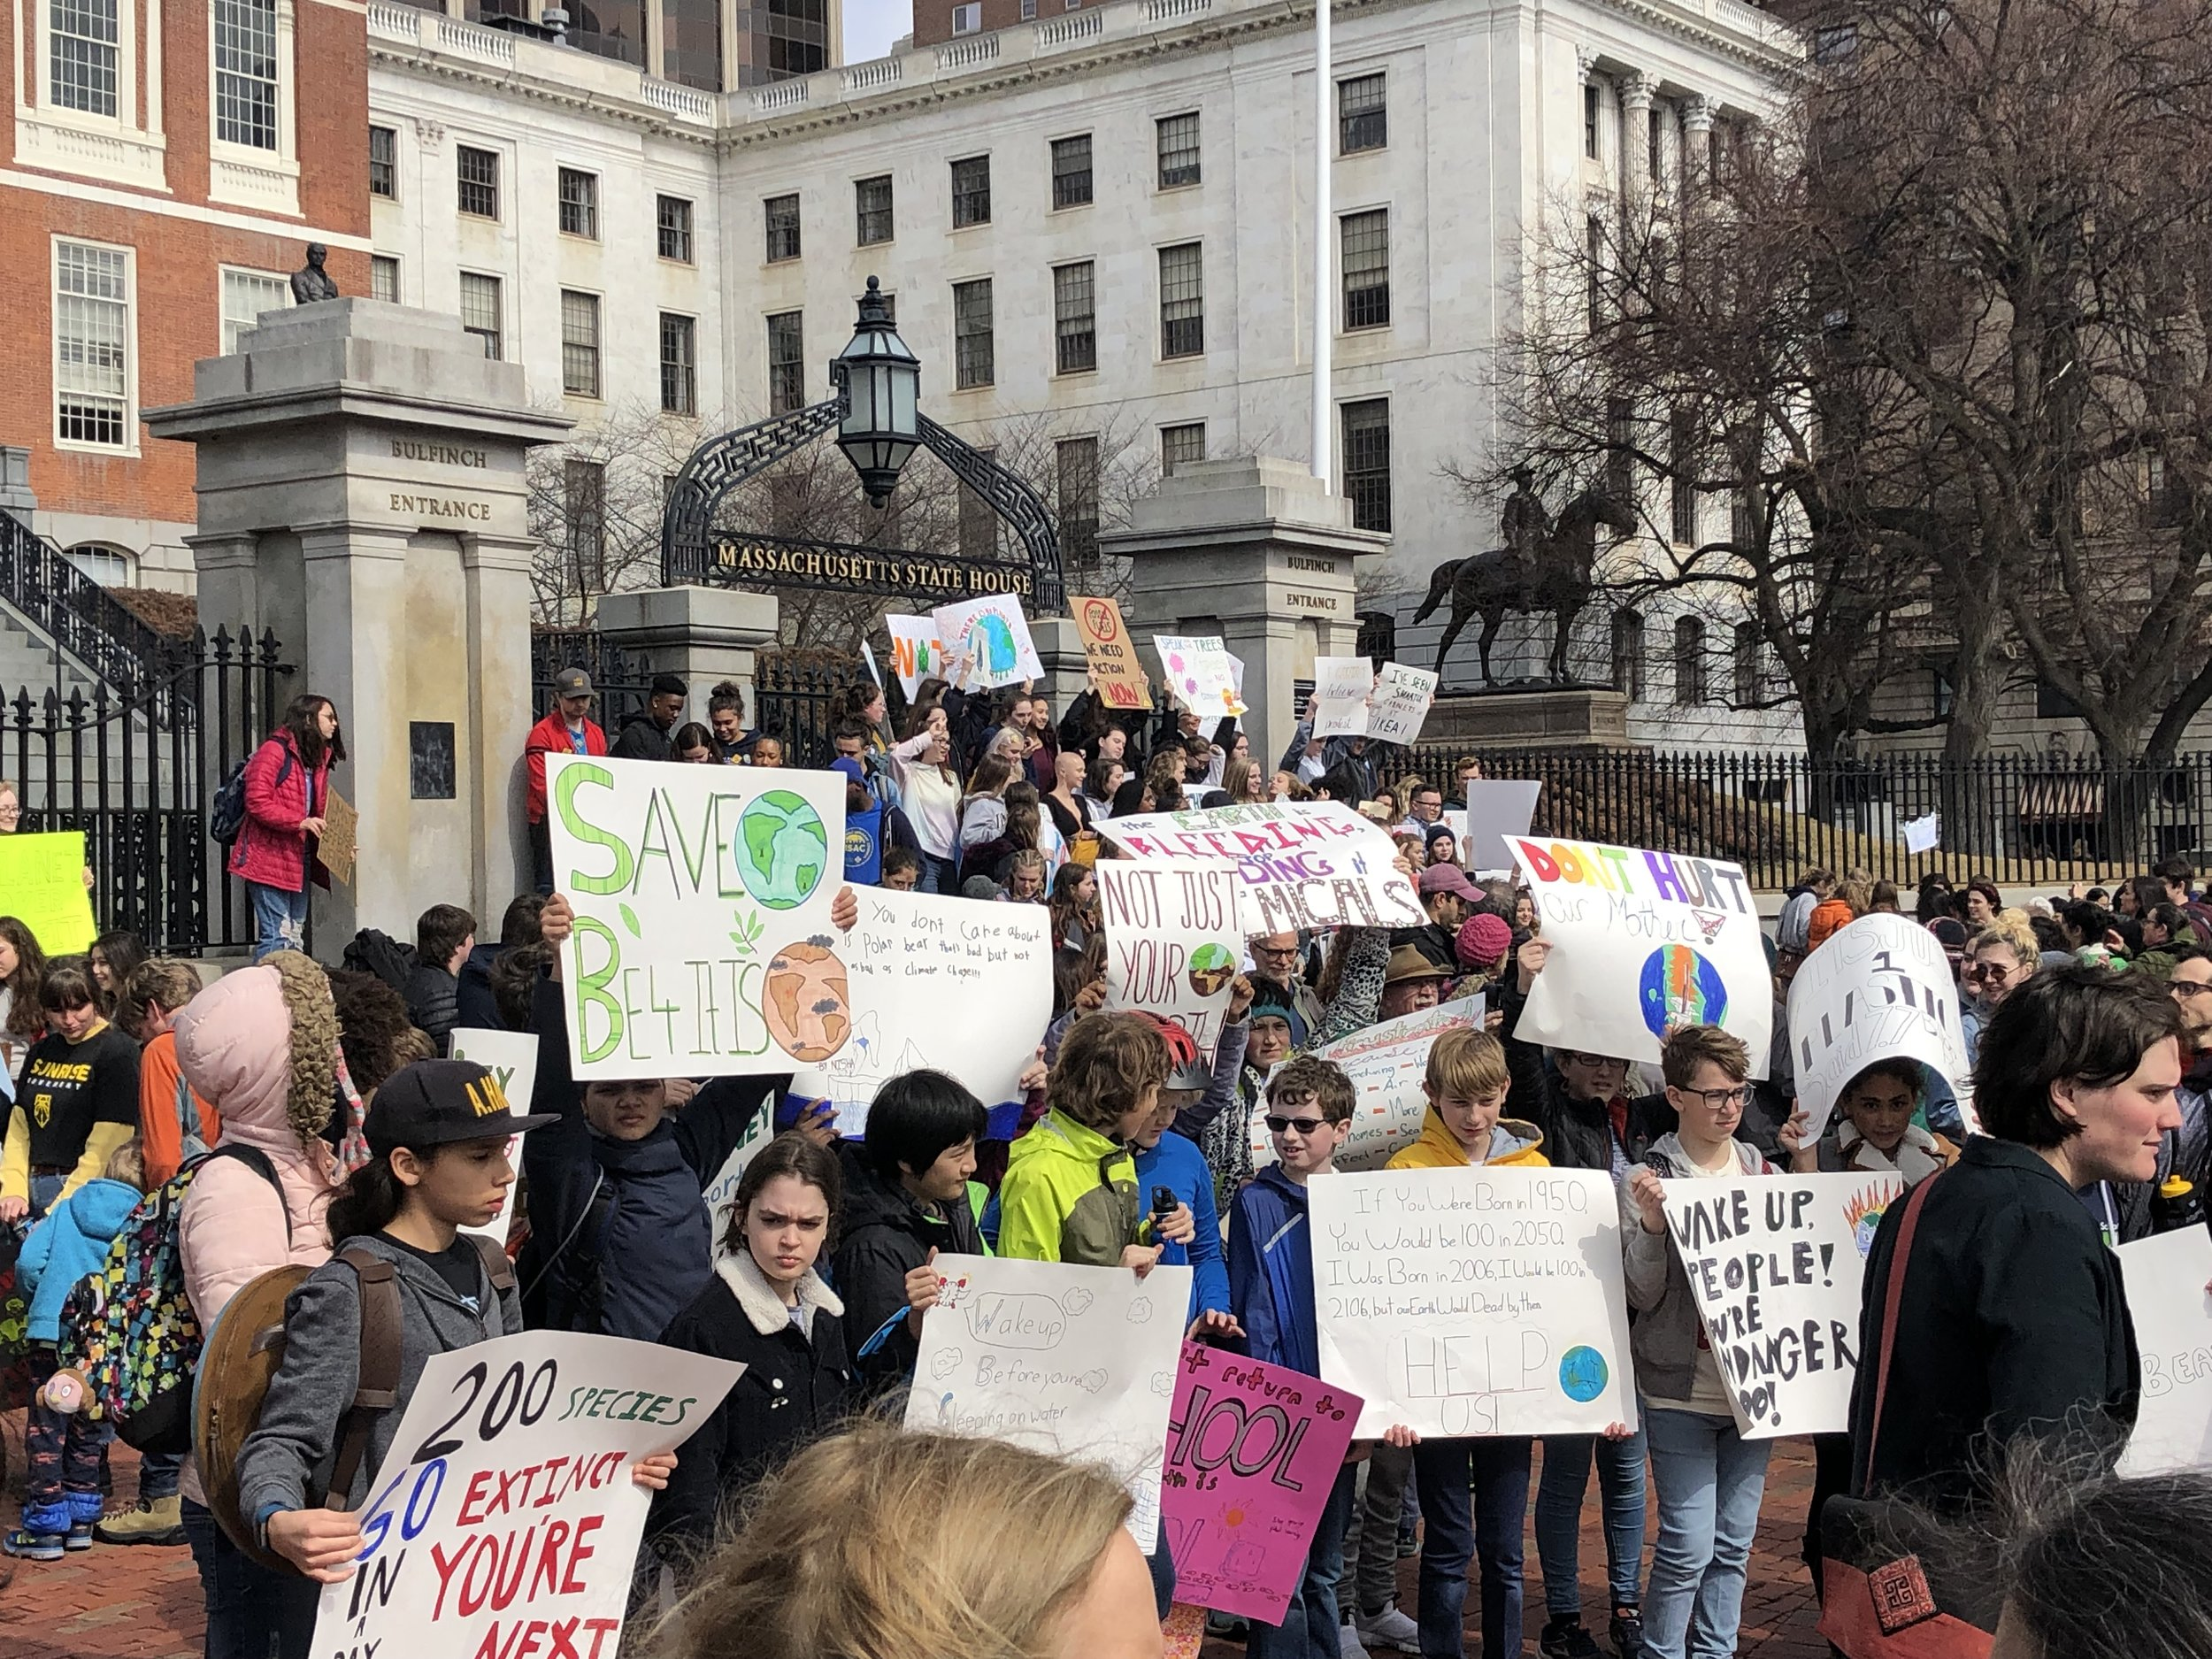 International Student Strike at Massachusetts State House, Boston MA, March 15, 2019